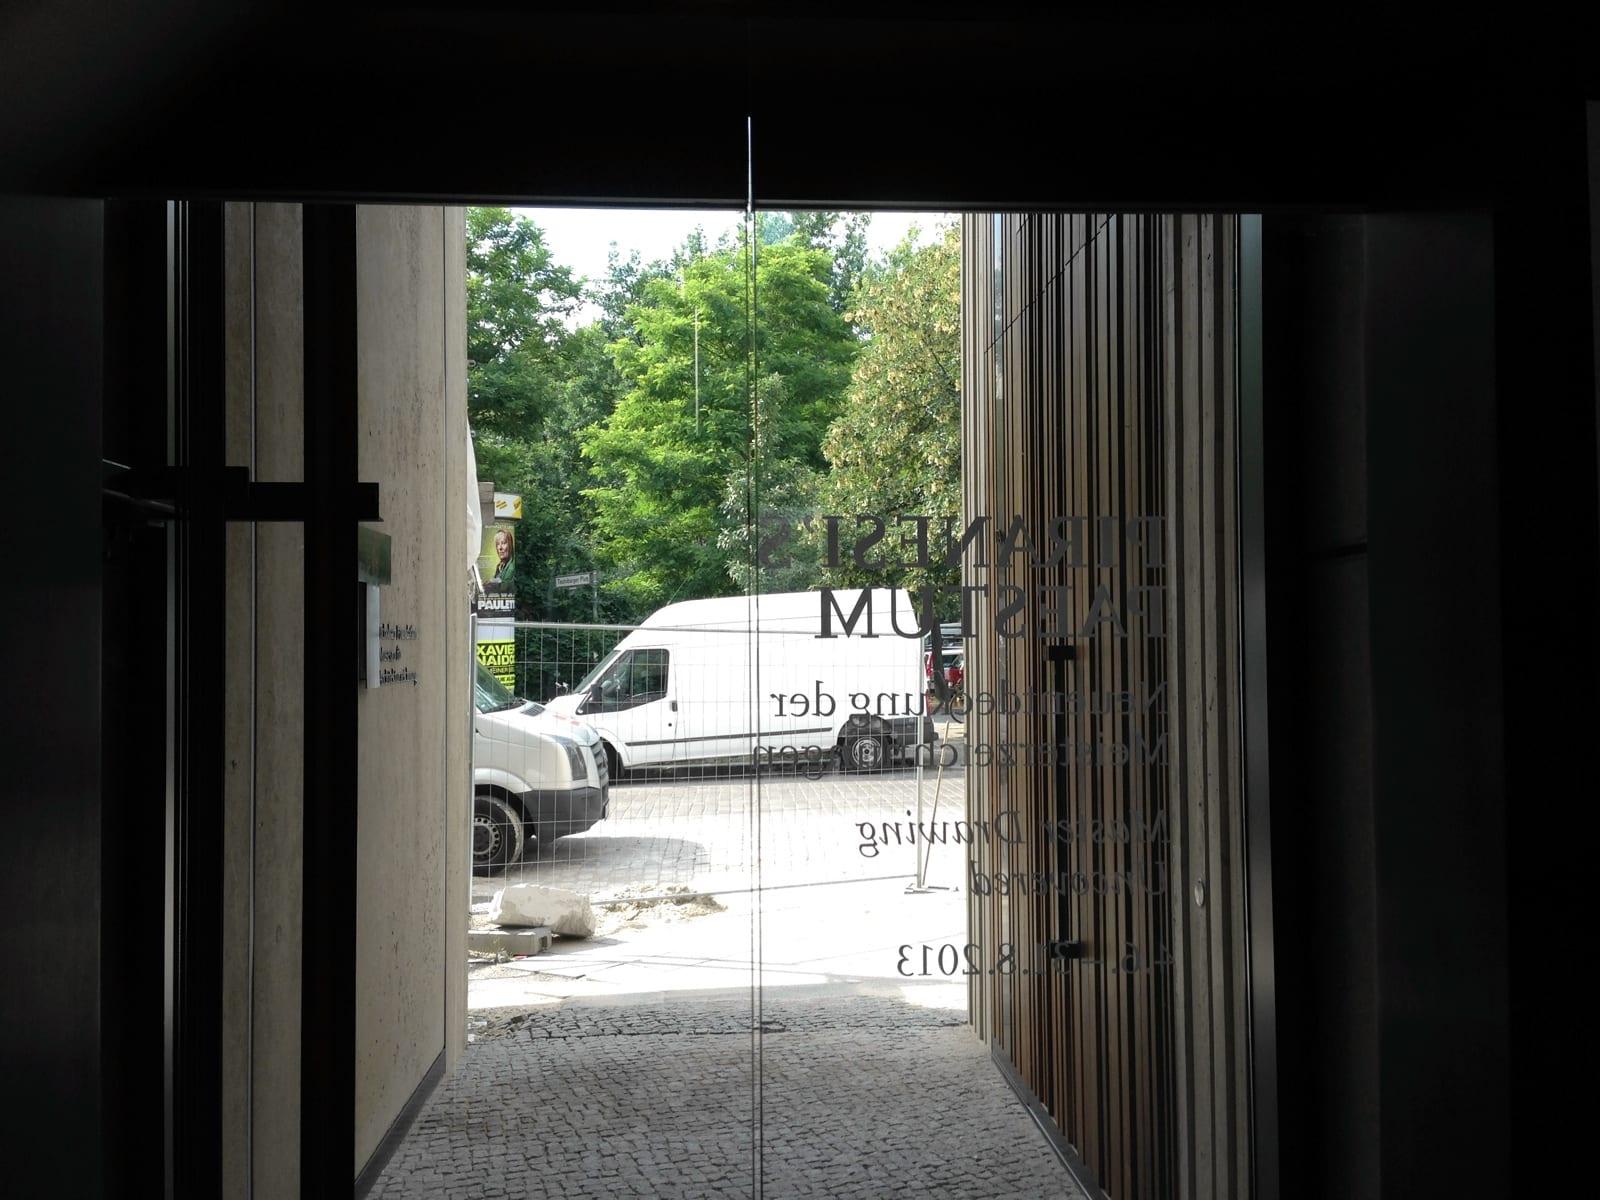 museum-architektur-zeichnung-berlin-pfefferberg-IMG_8309.jpg